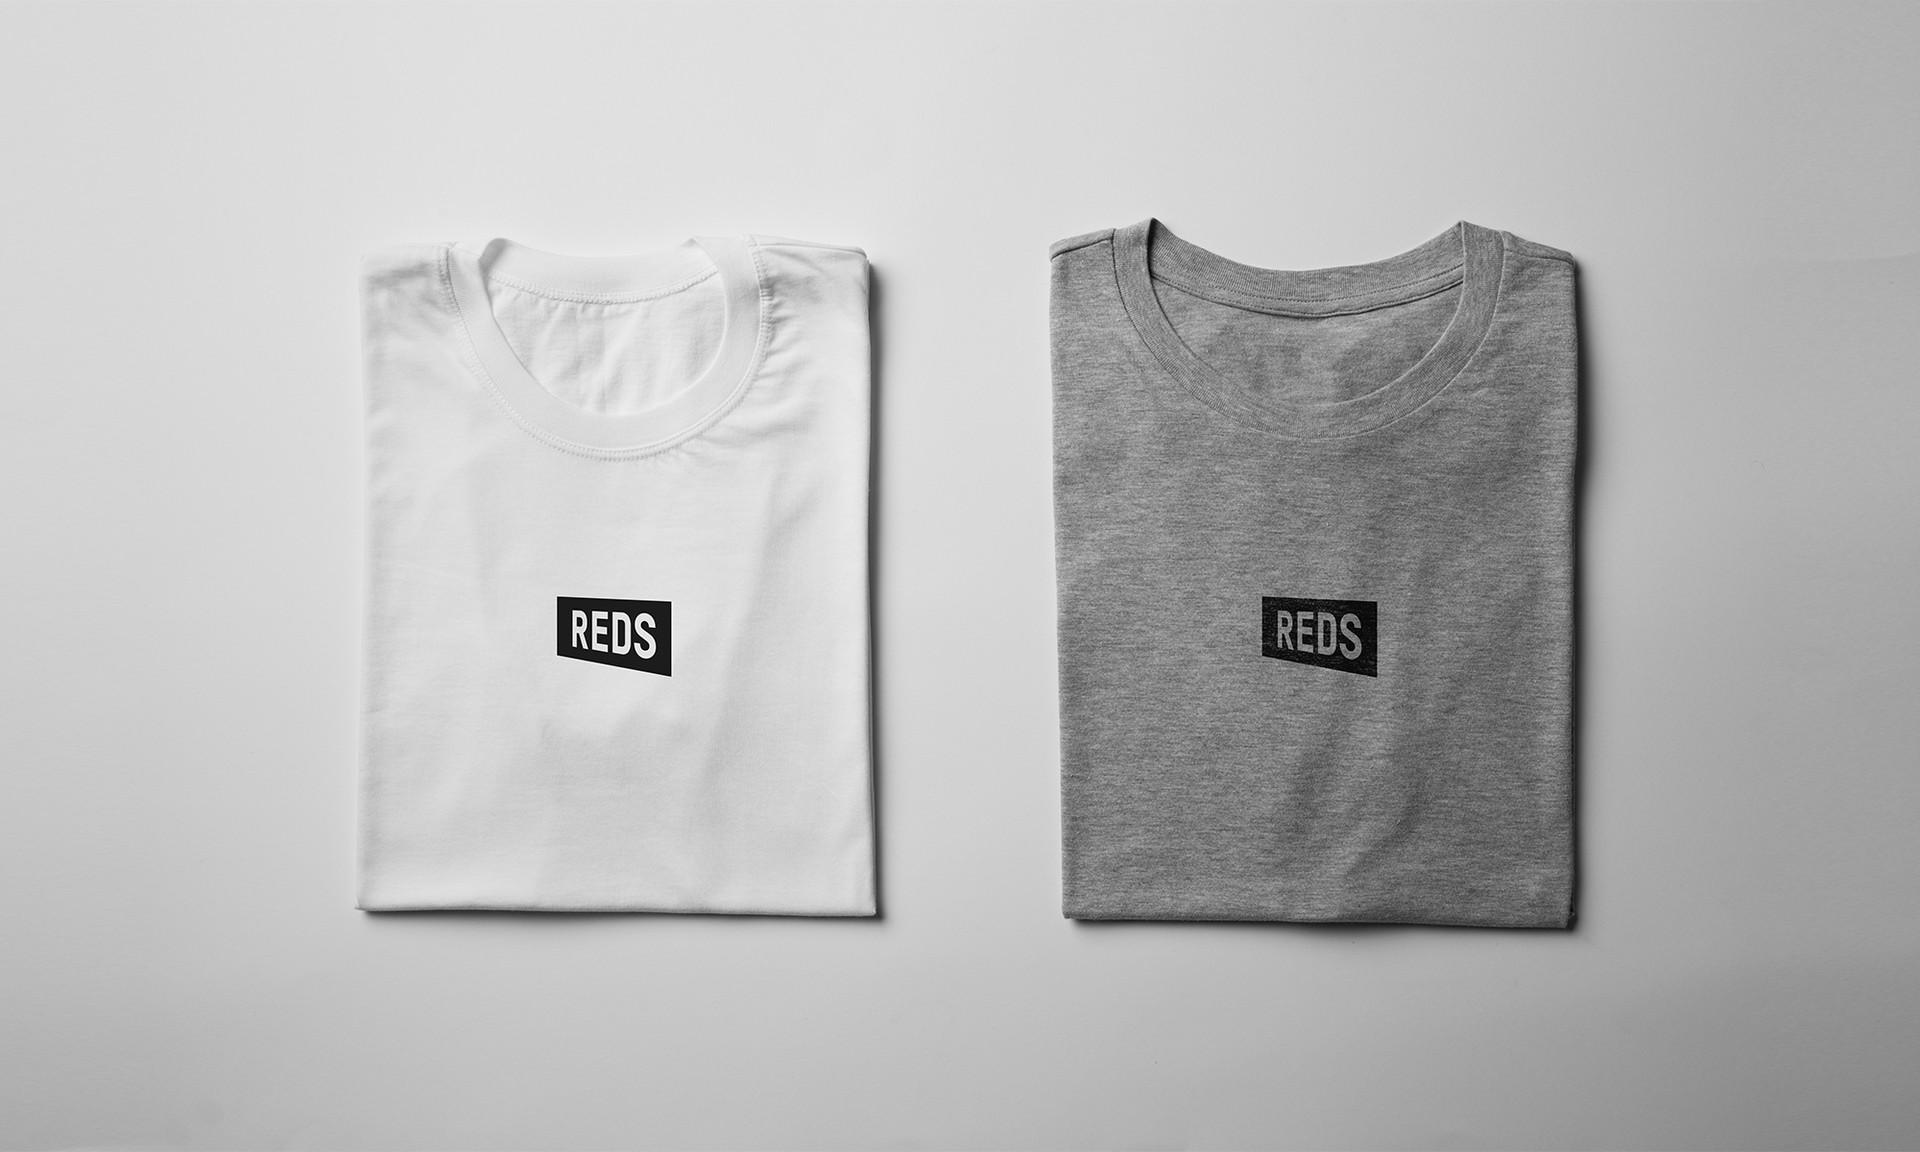 simone-rossi-foto-tshirt.jpg